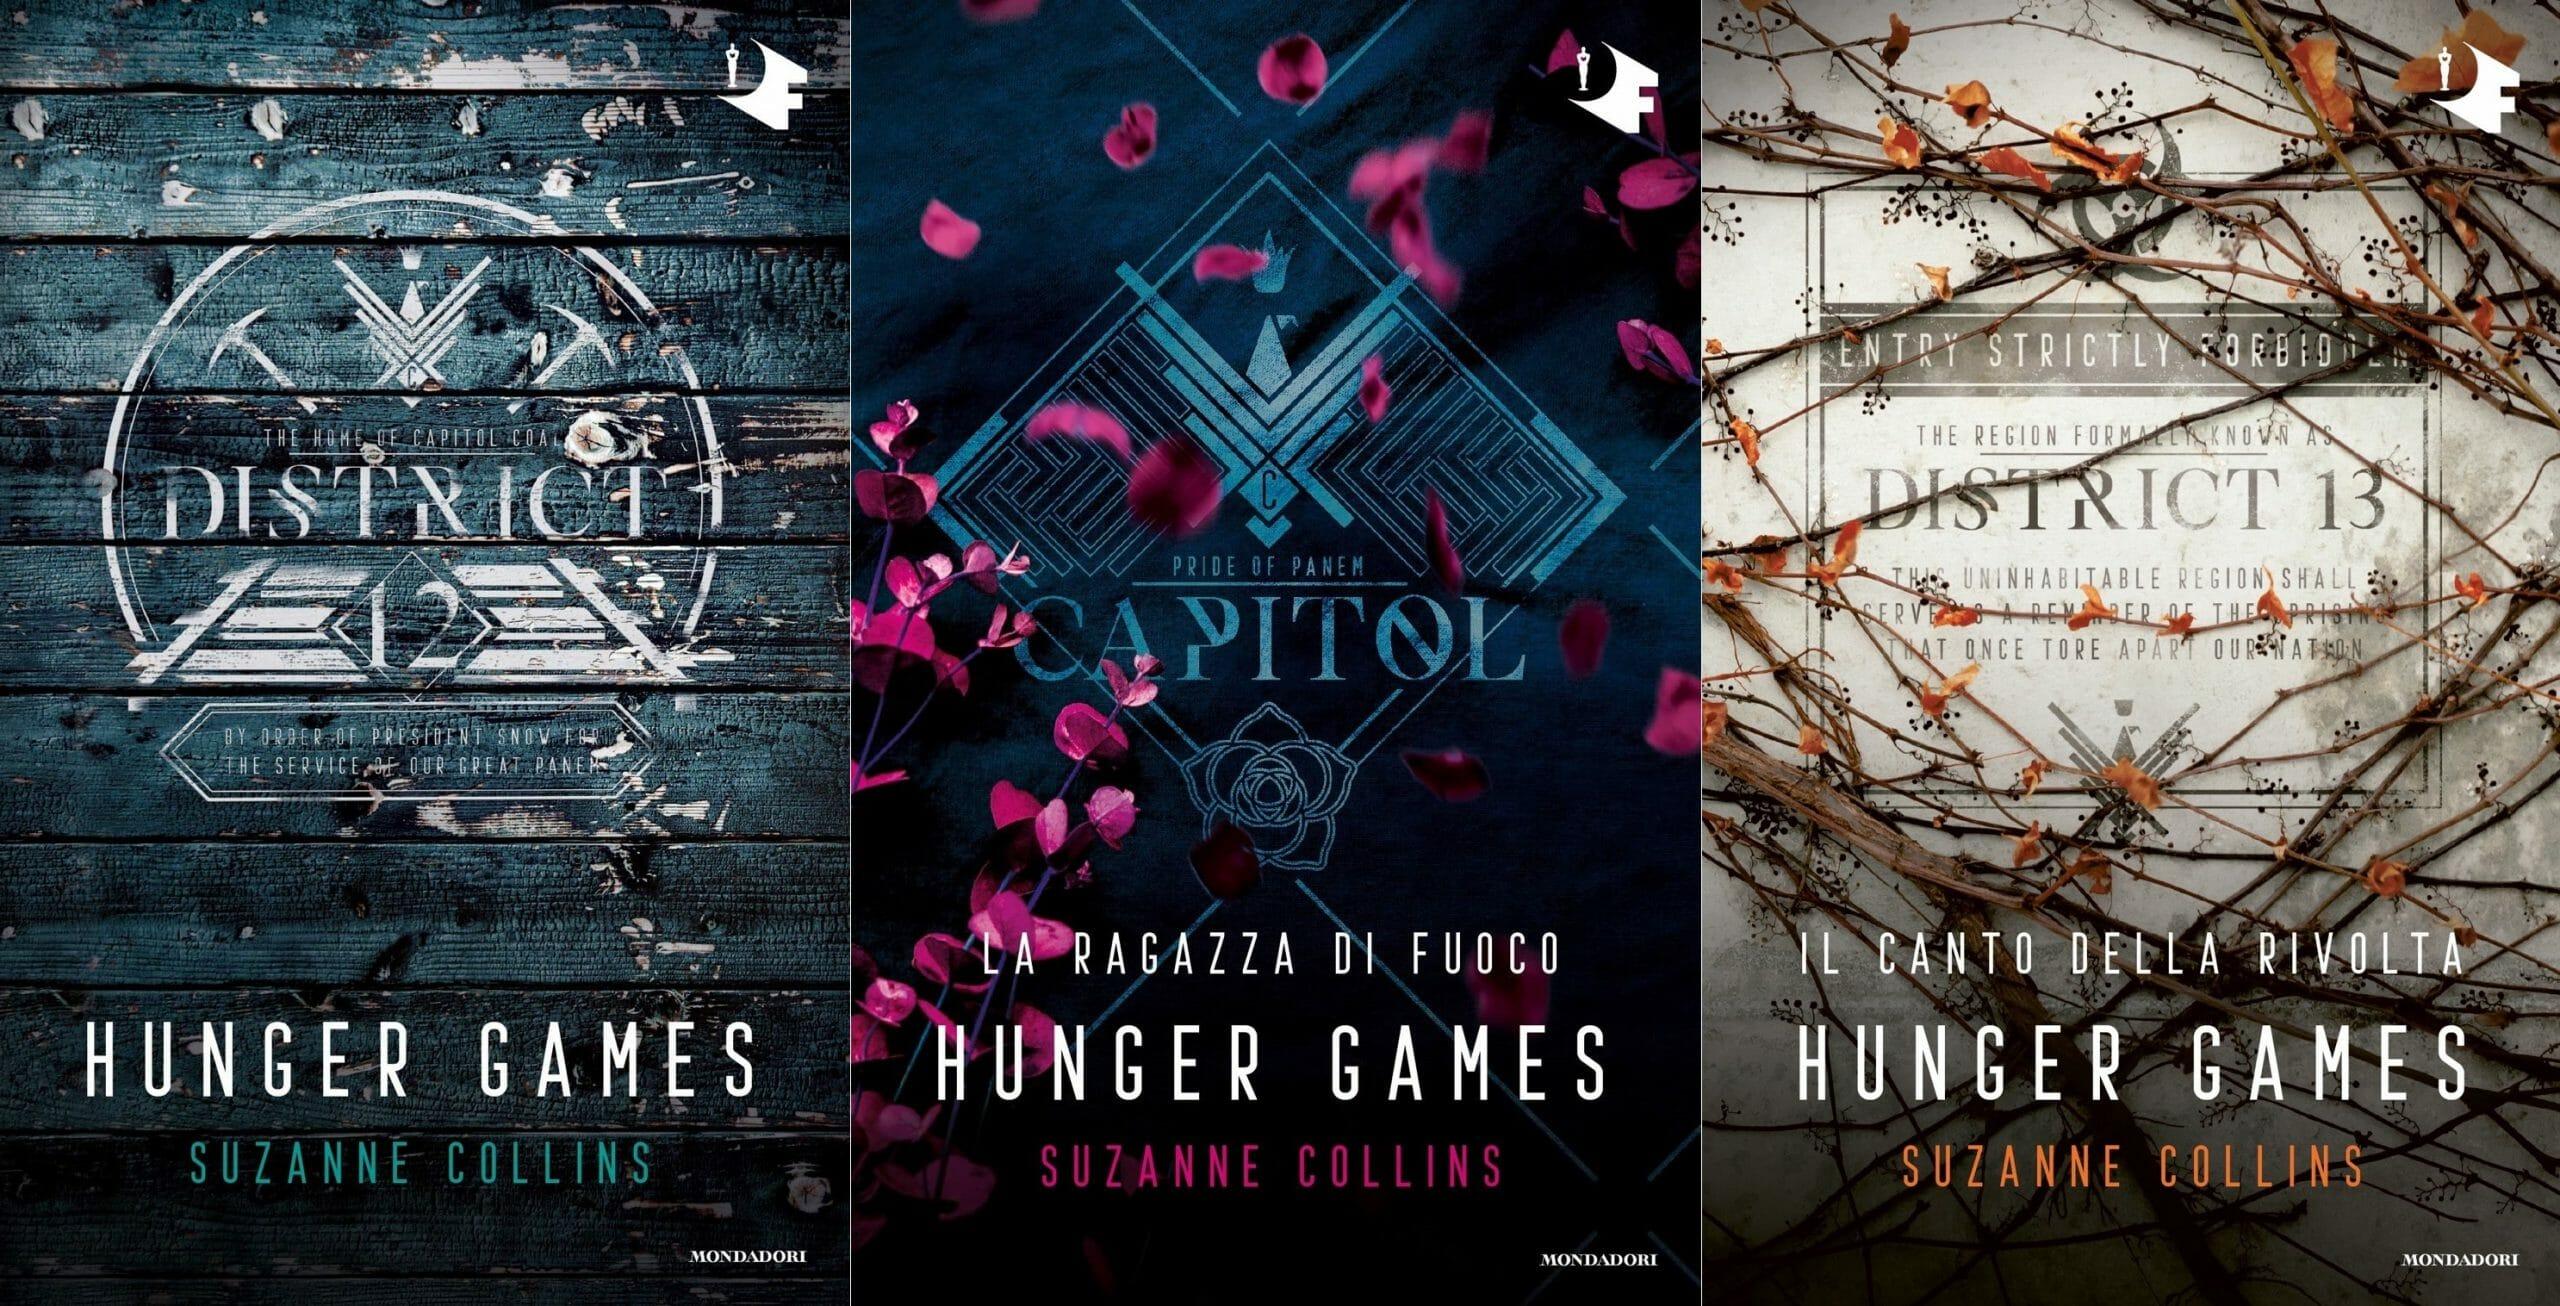 Hunger Games prequel ballata dell'usignolo e del serpente